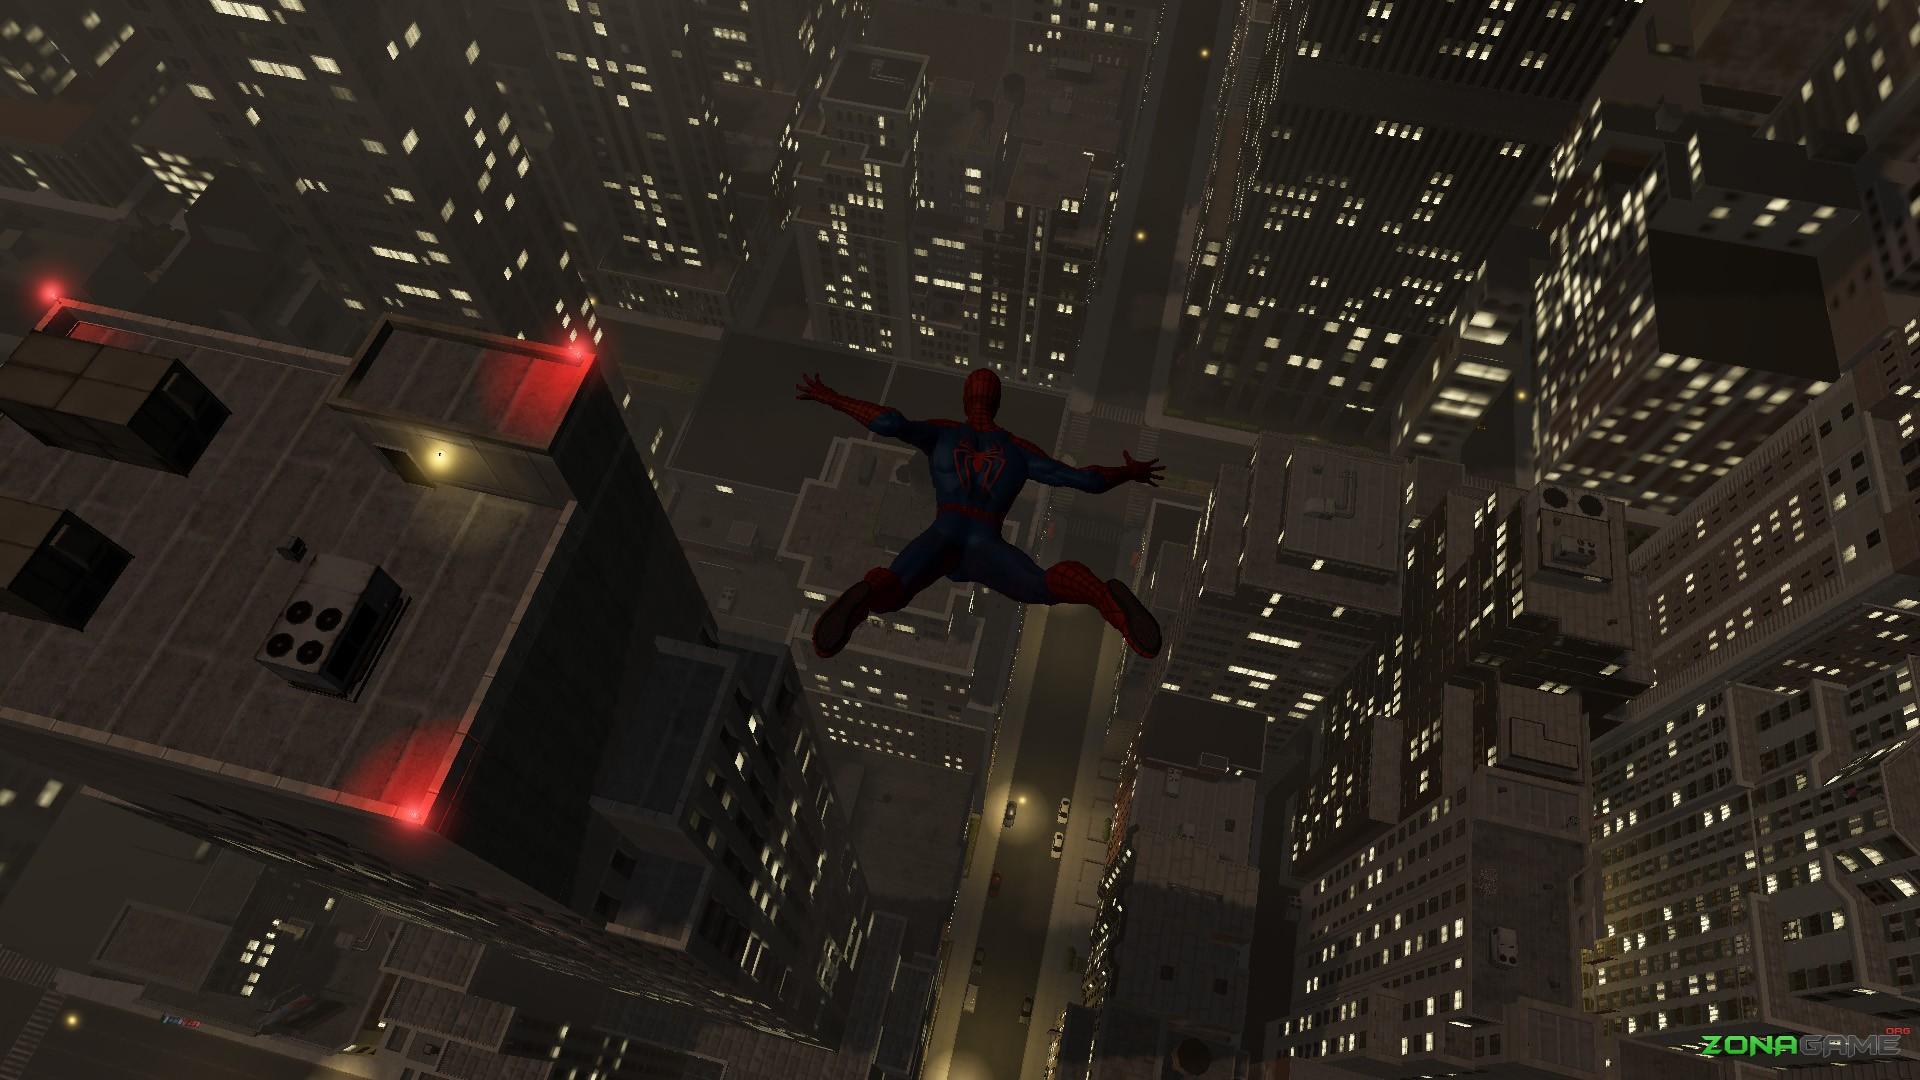 скачать игру человек паук паутина теней через торрент на компьютер